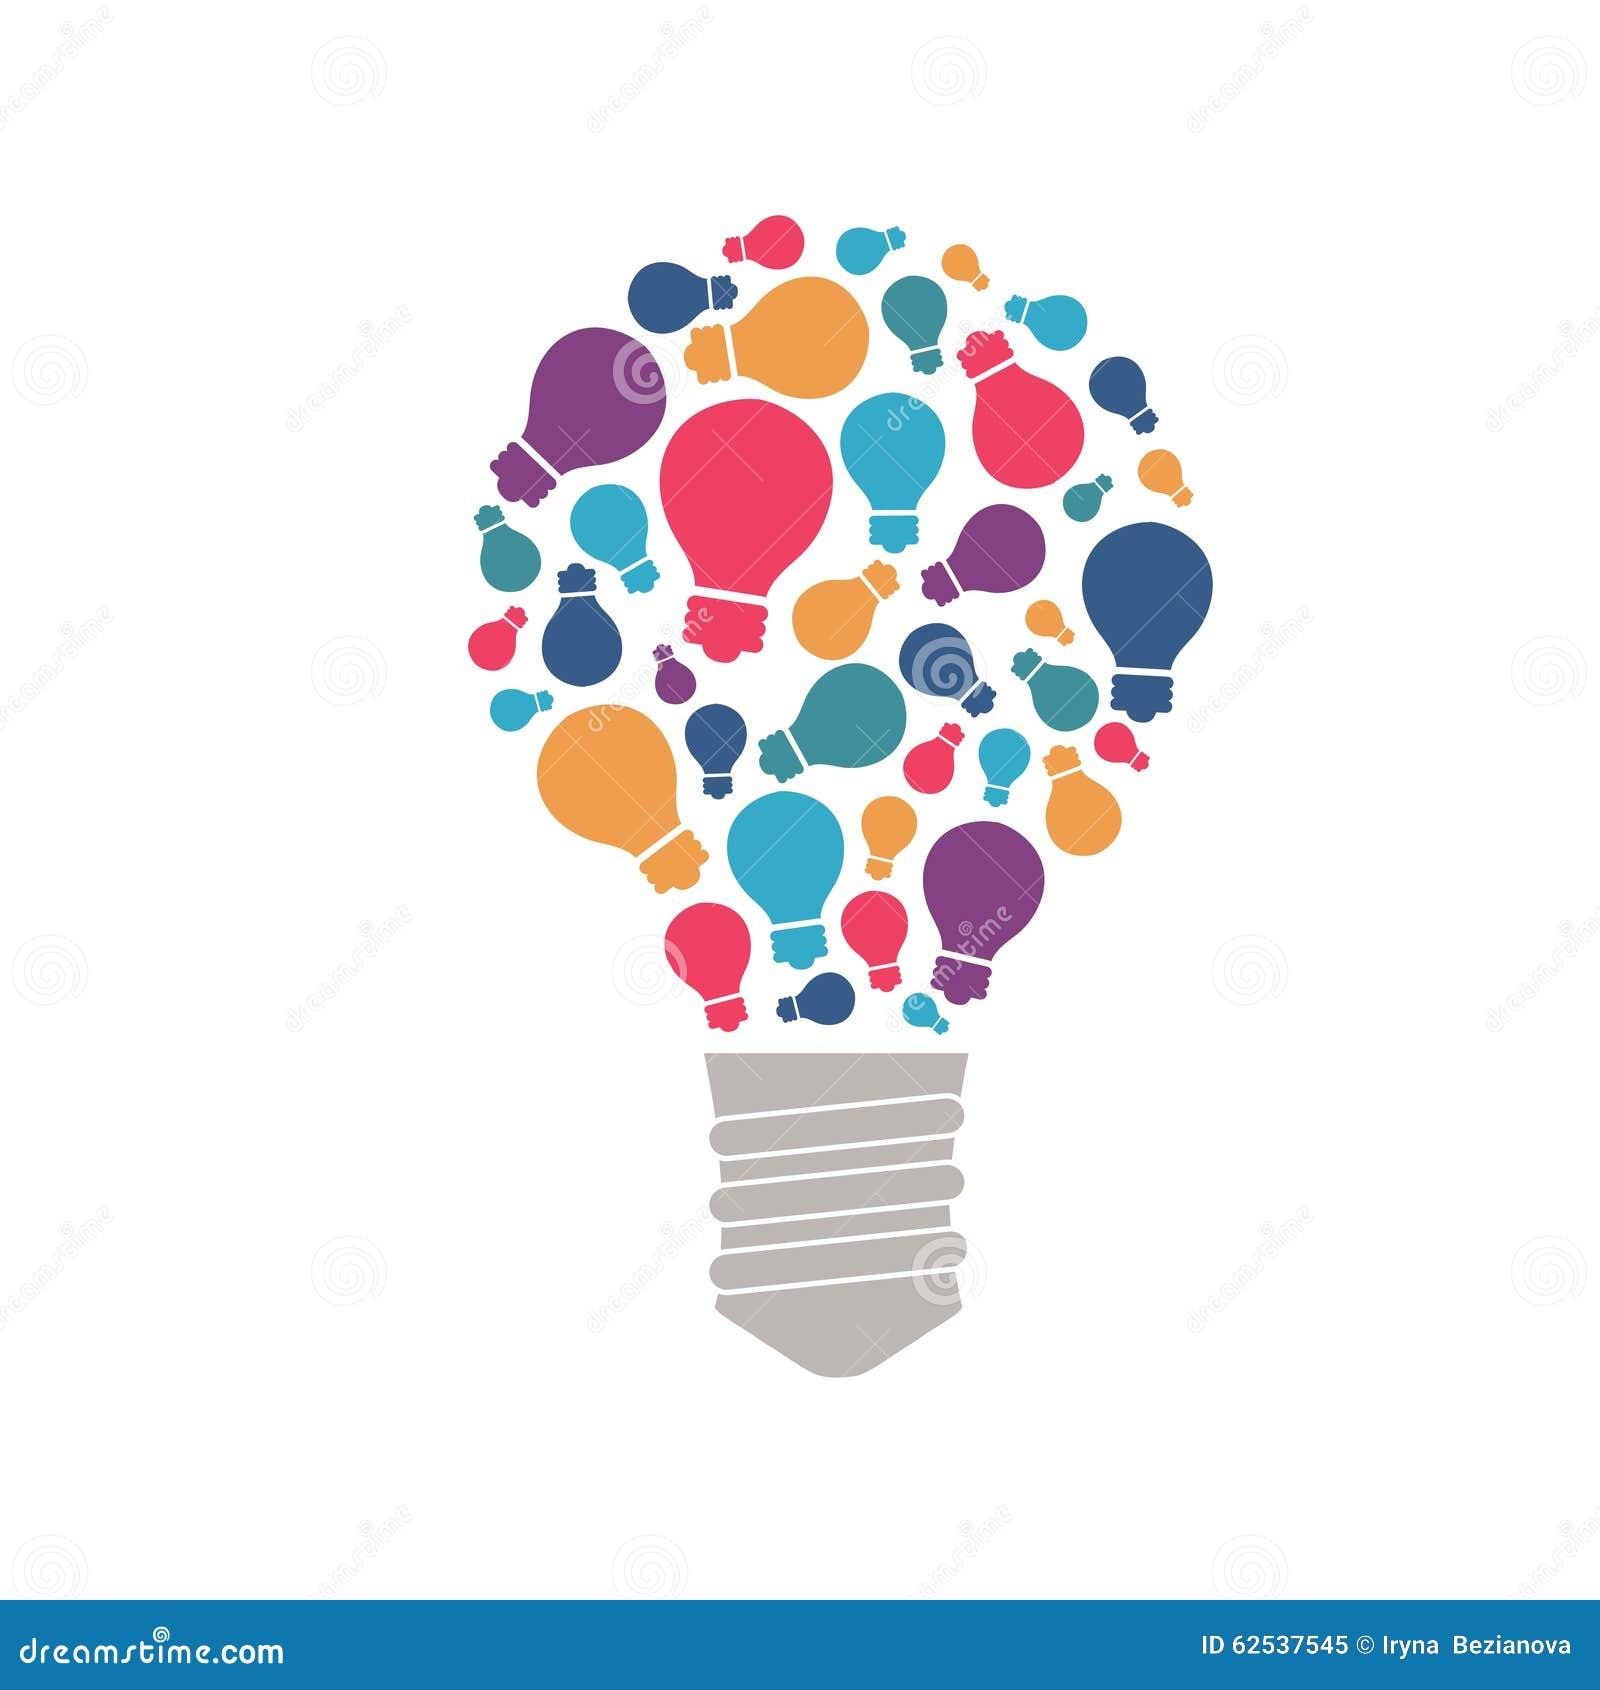 好主意包括链子:小想法、提示和技巧